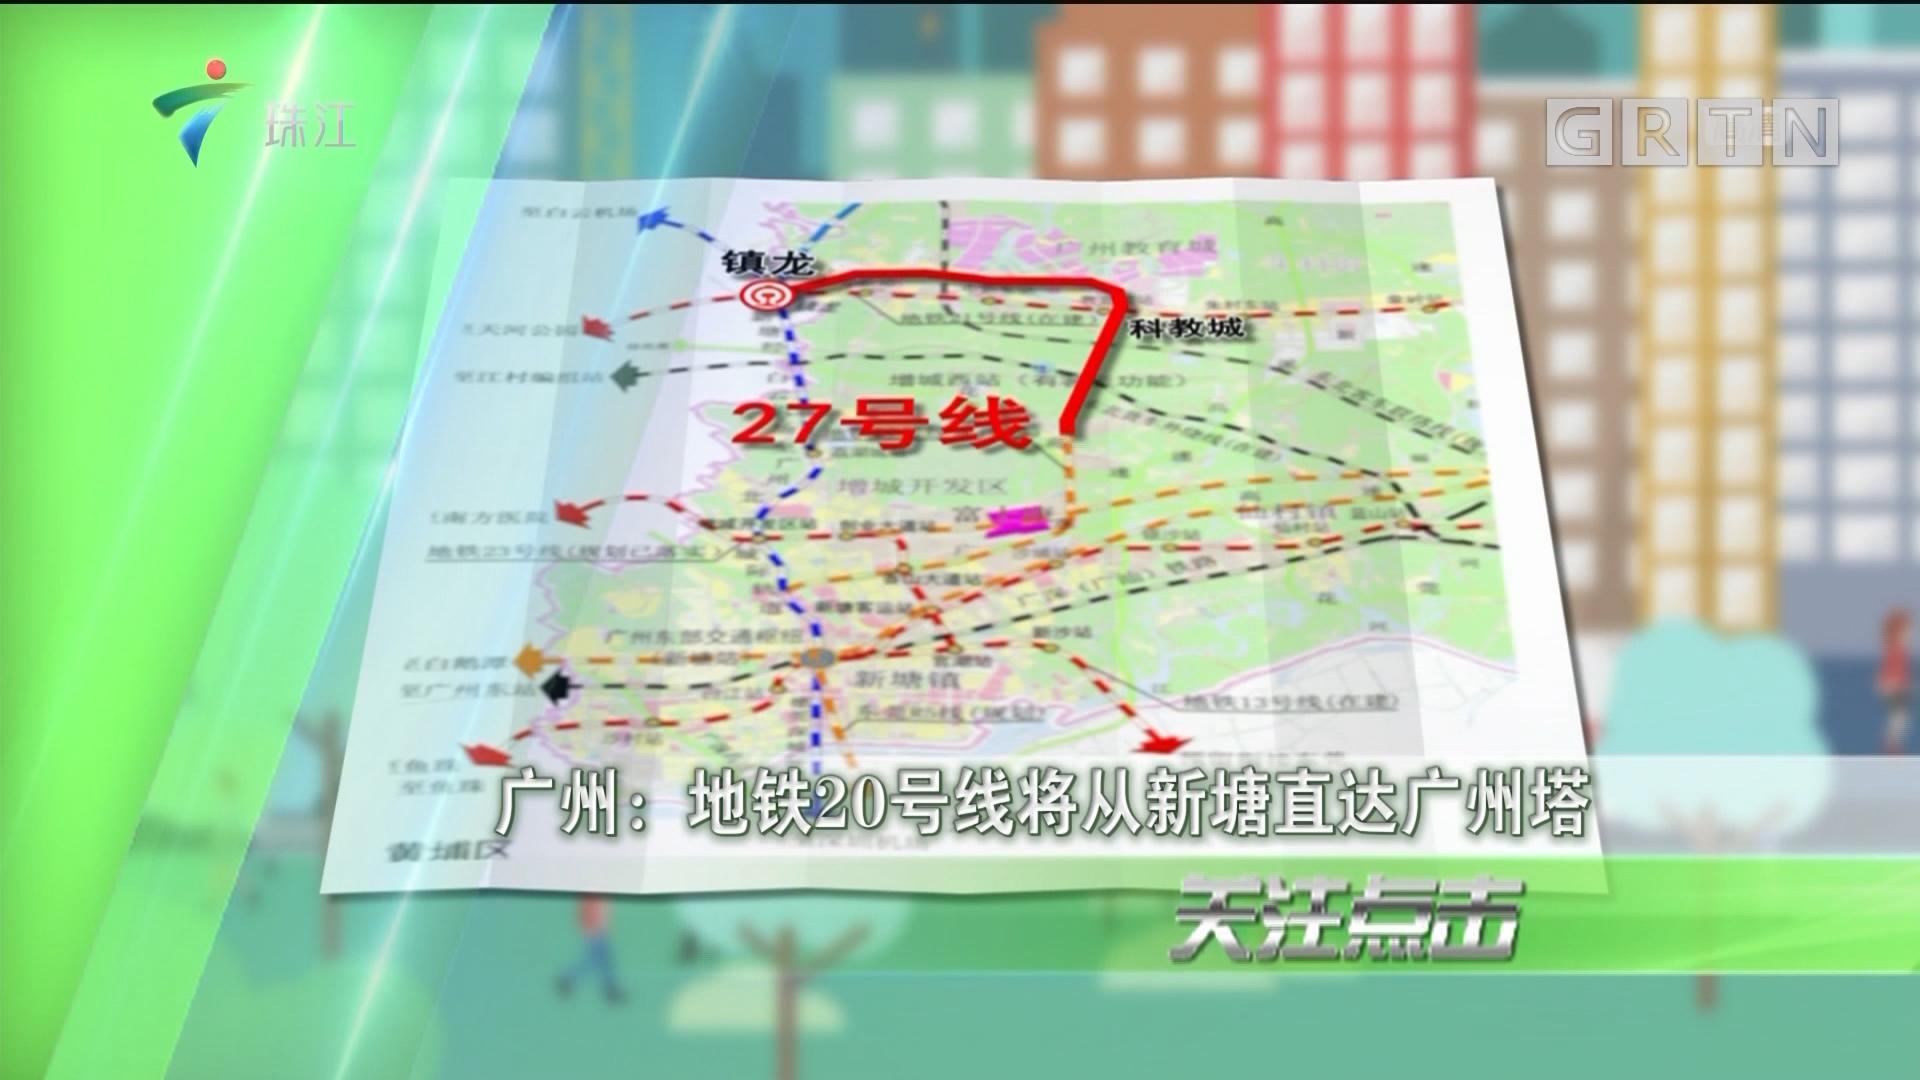 广州:地铁20号线将从新增直达广州塔